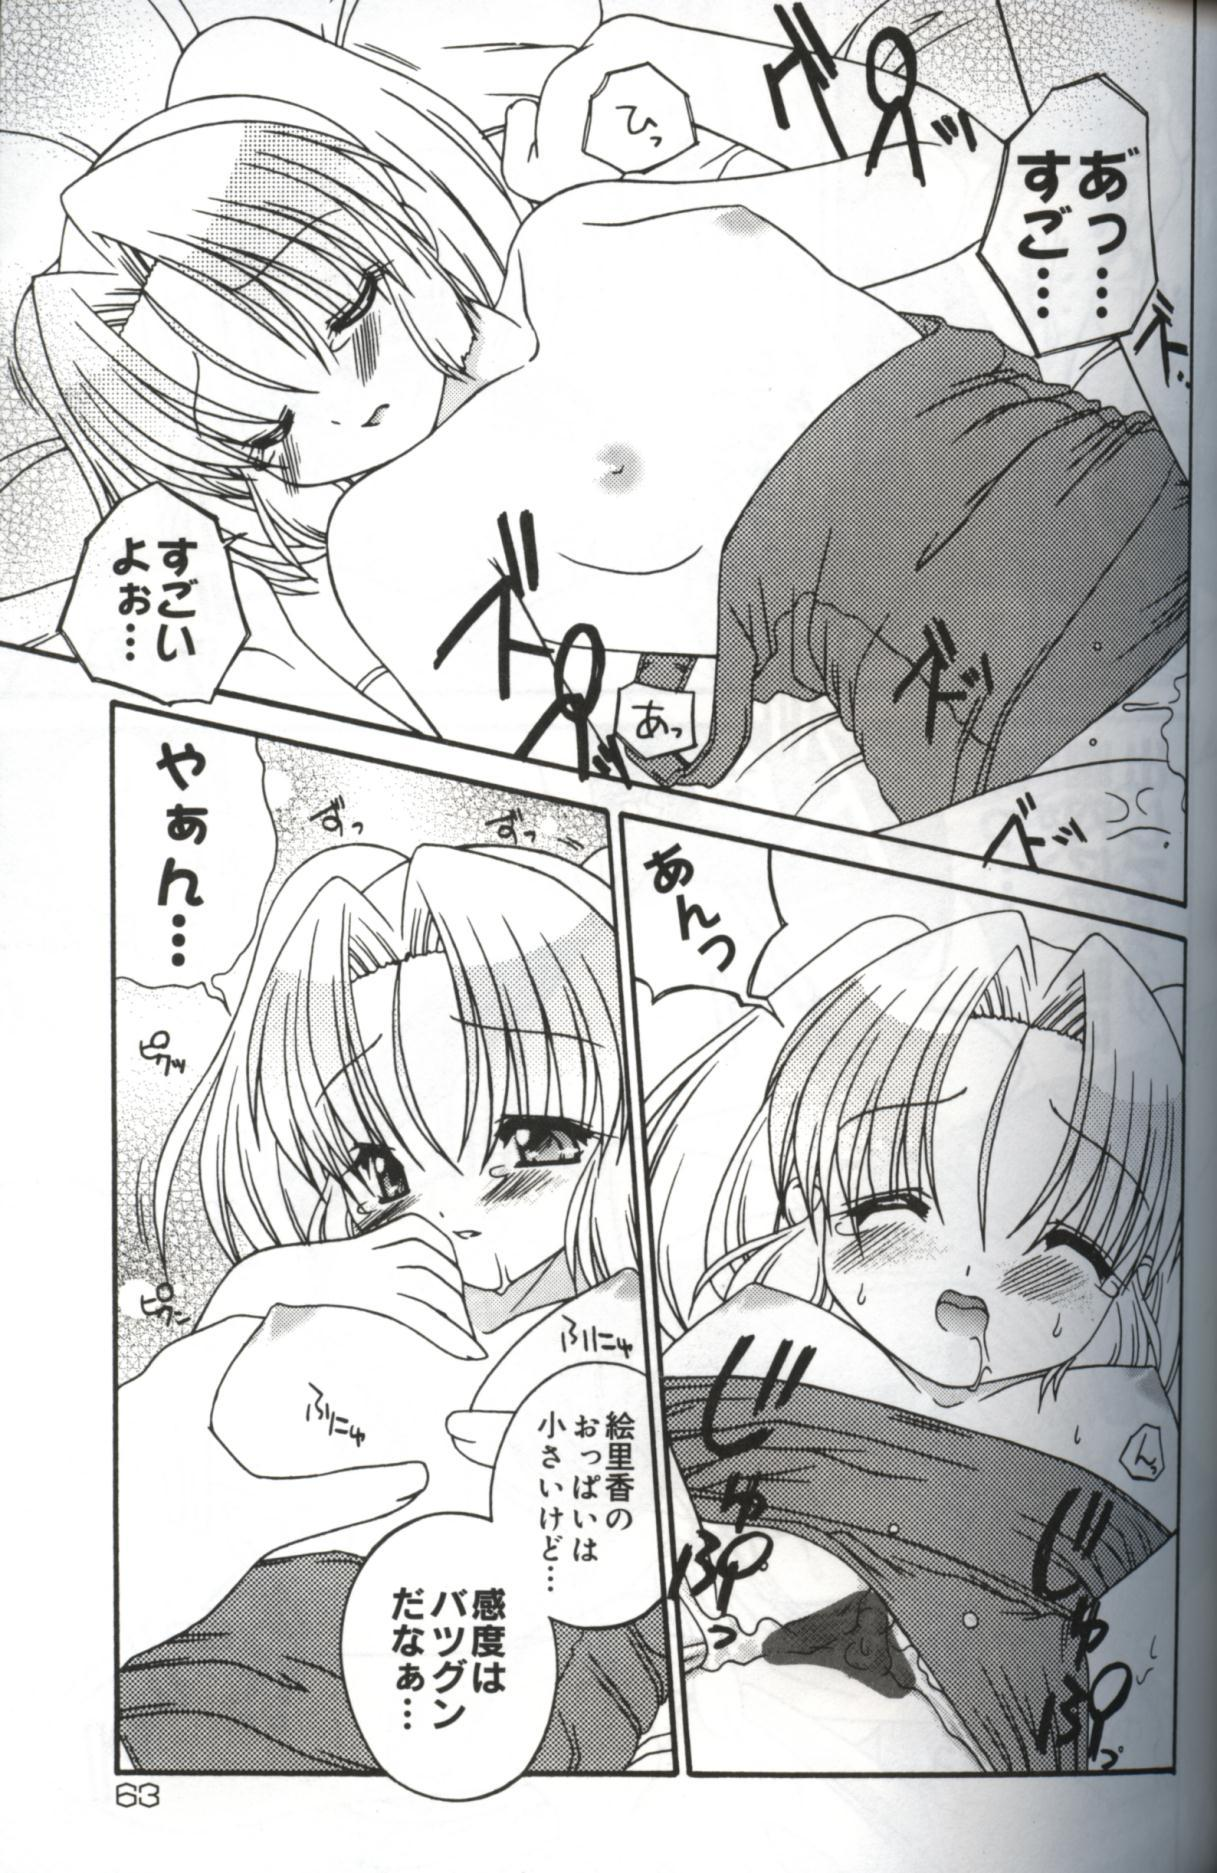 Hatsujou ♡ Oneesama 64